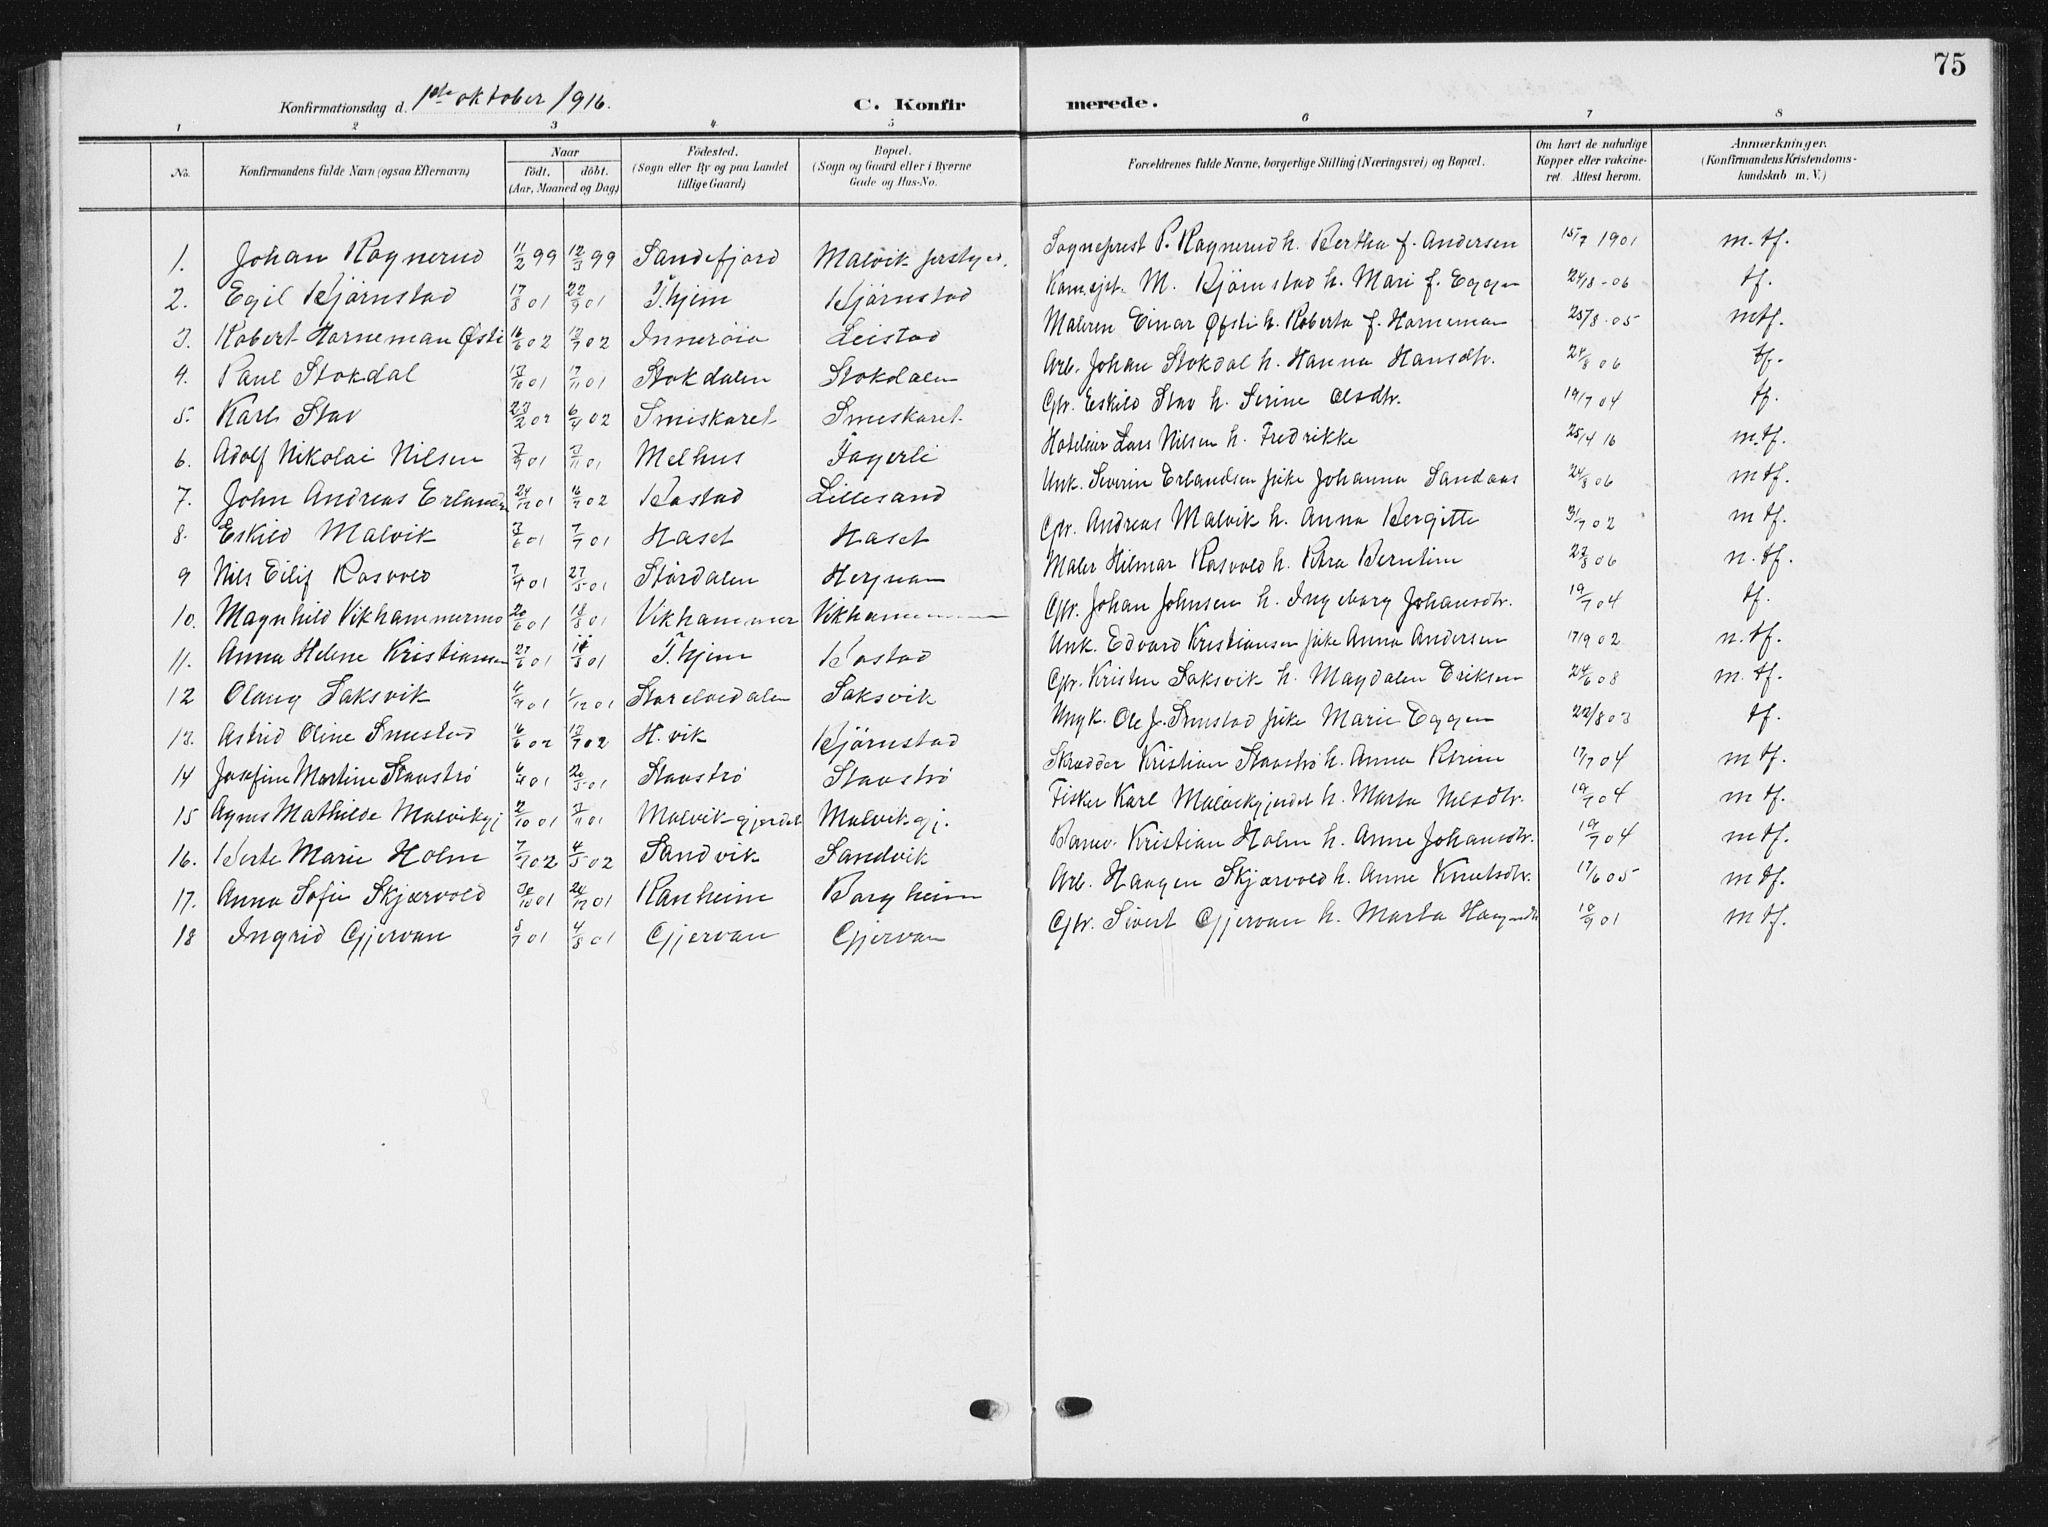 SAT, Ministerialprotokoller, klokkerbøker og fødselsregistre - Sør-Trøndelag, 616/L0424: Klokkerbok nr. 616C07, 1904-1940, s. 75